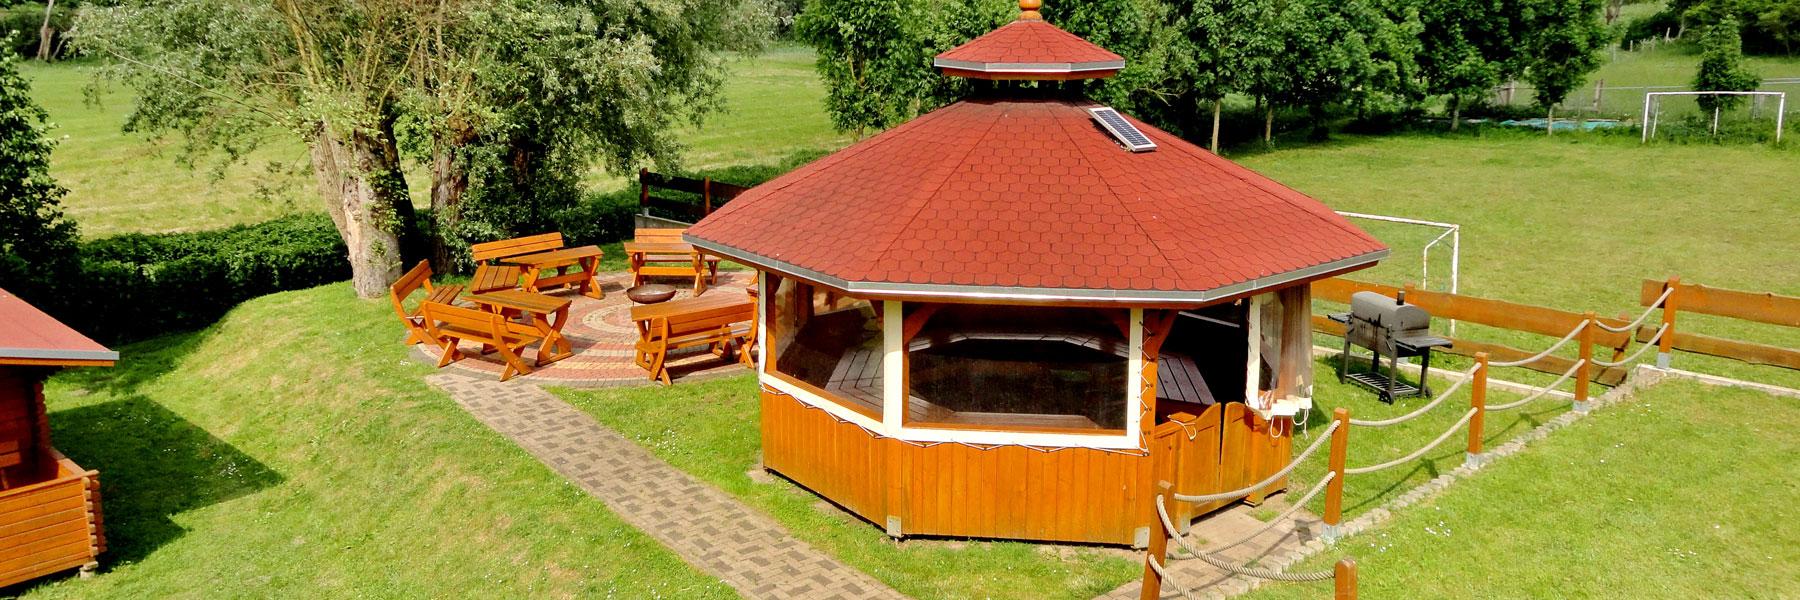 Grillhütte - Kanu-Feriencamp Weitendorf